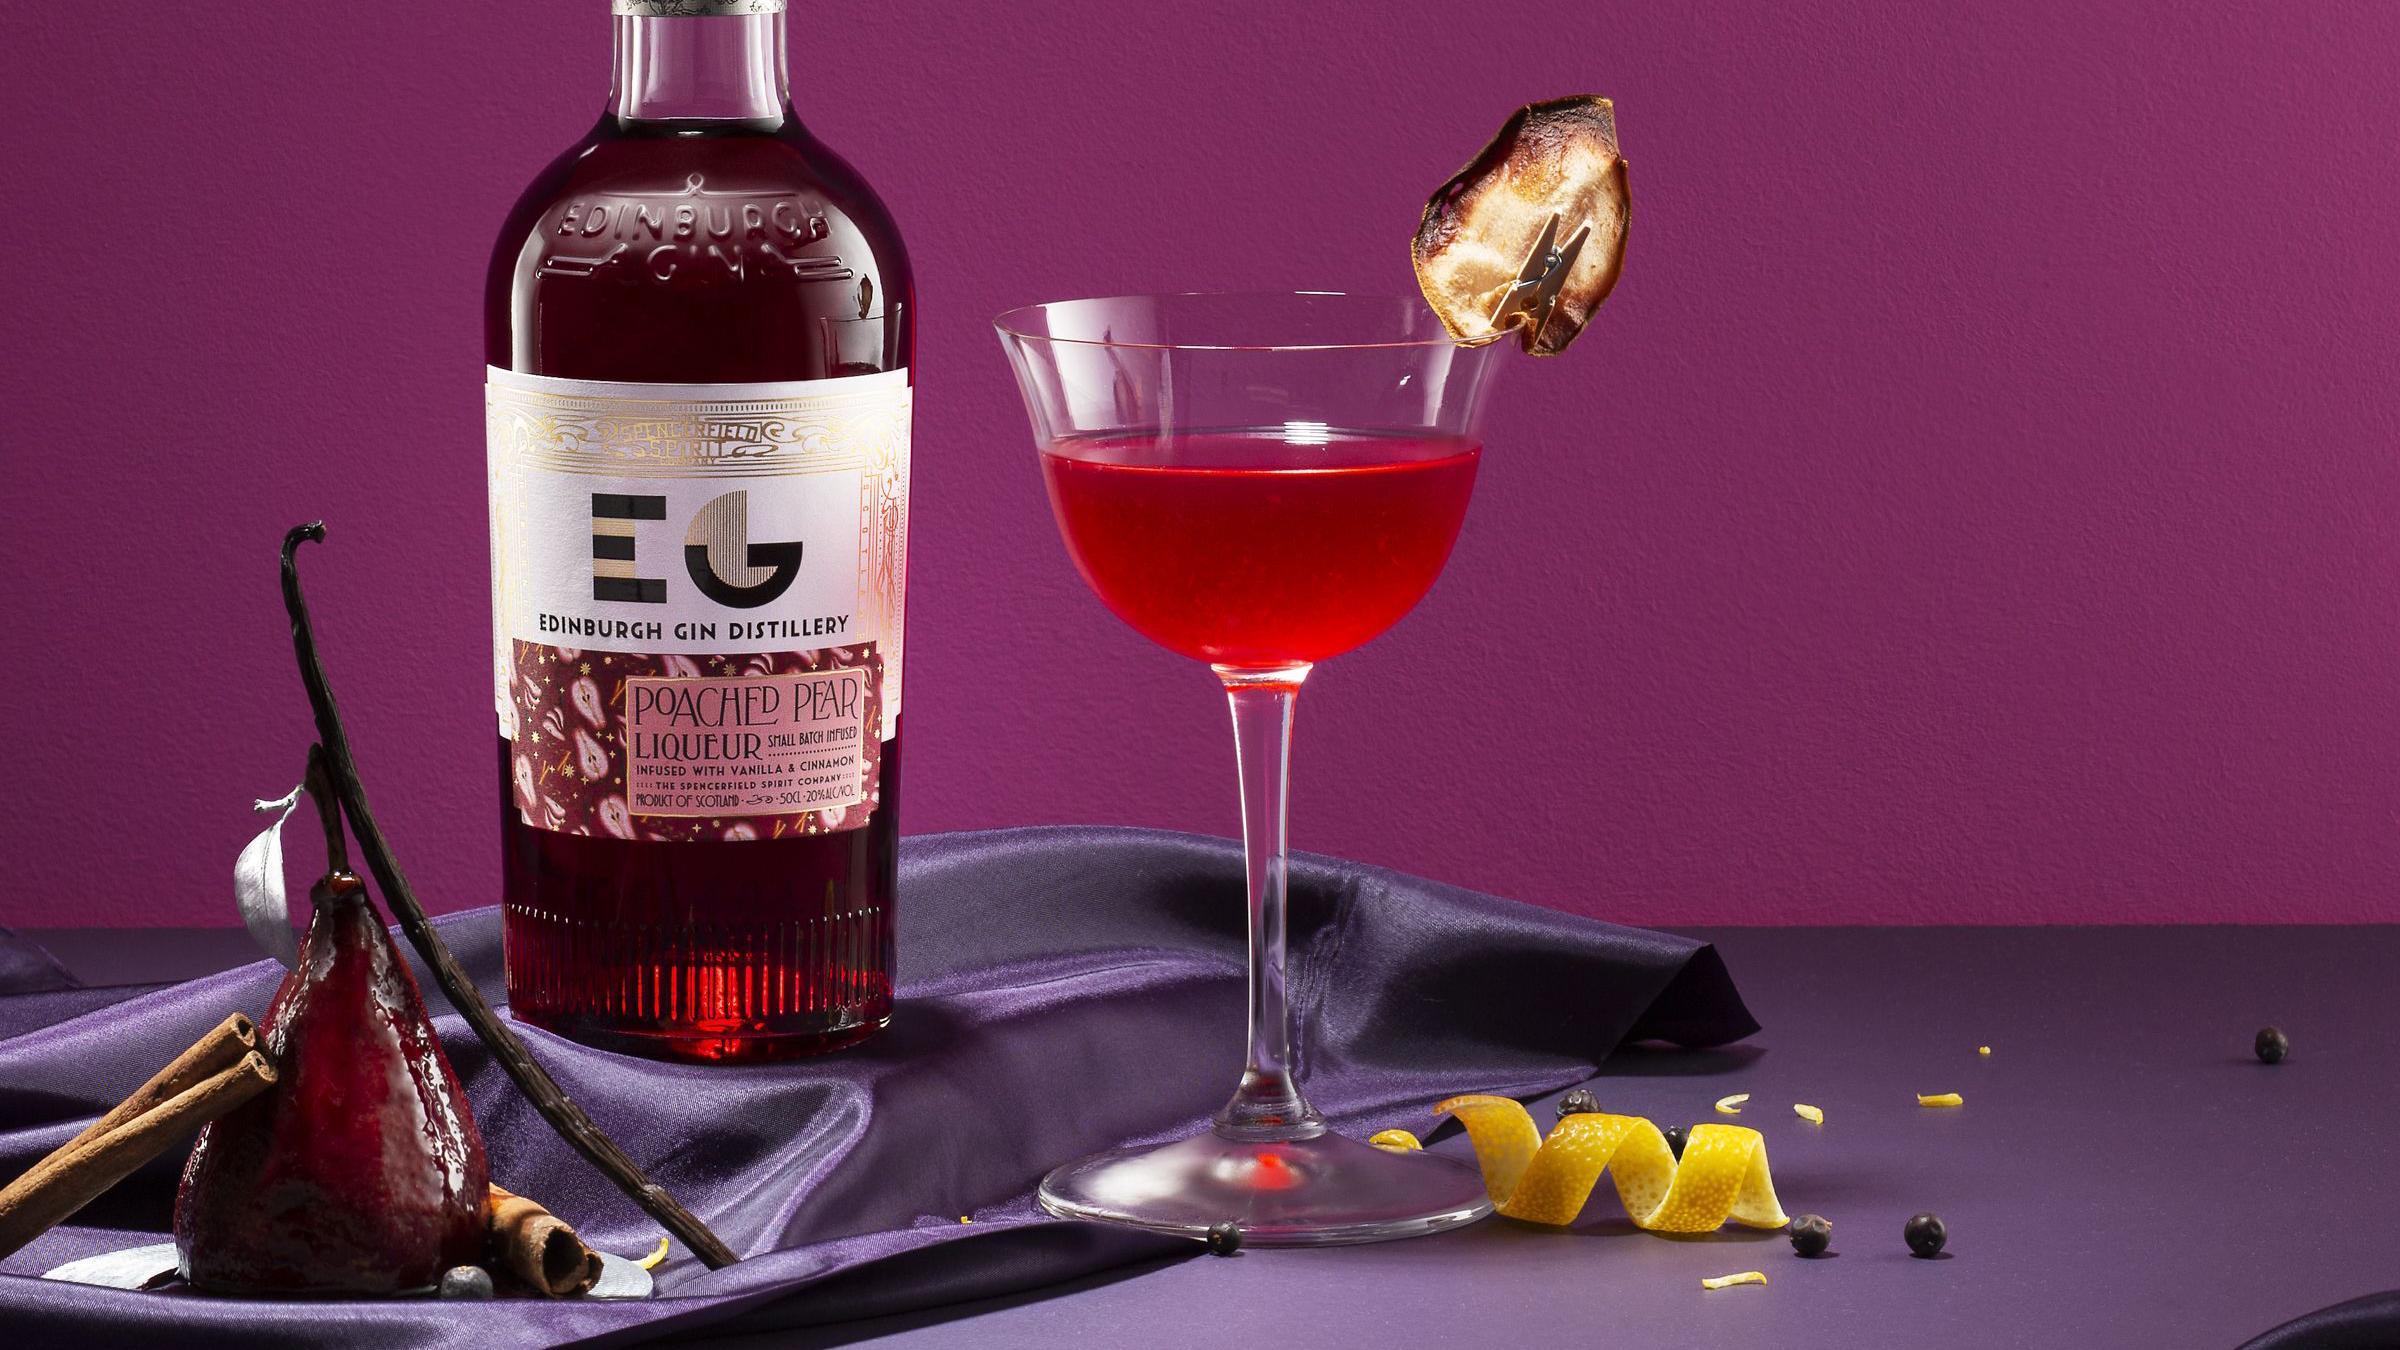 edinburgh gin poached pear liqueur